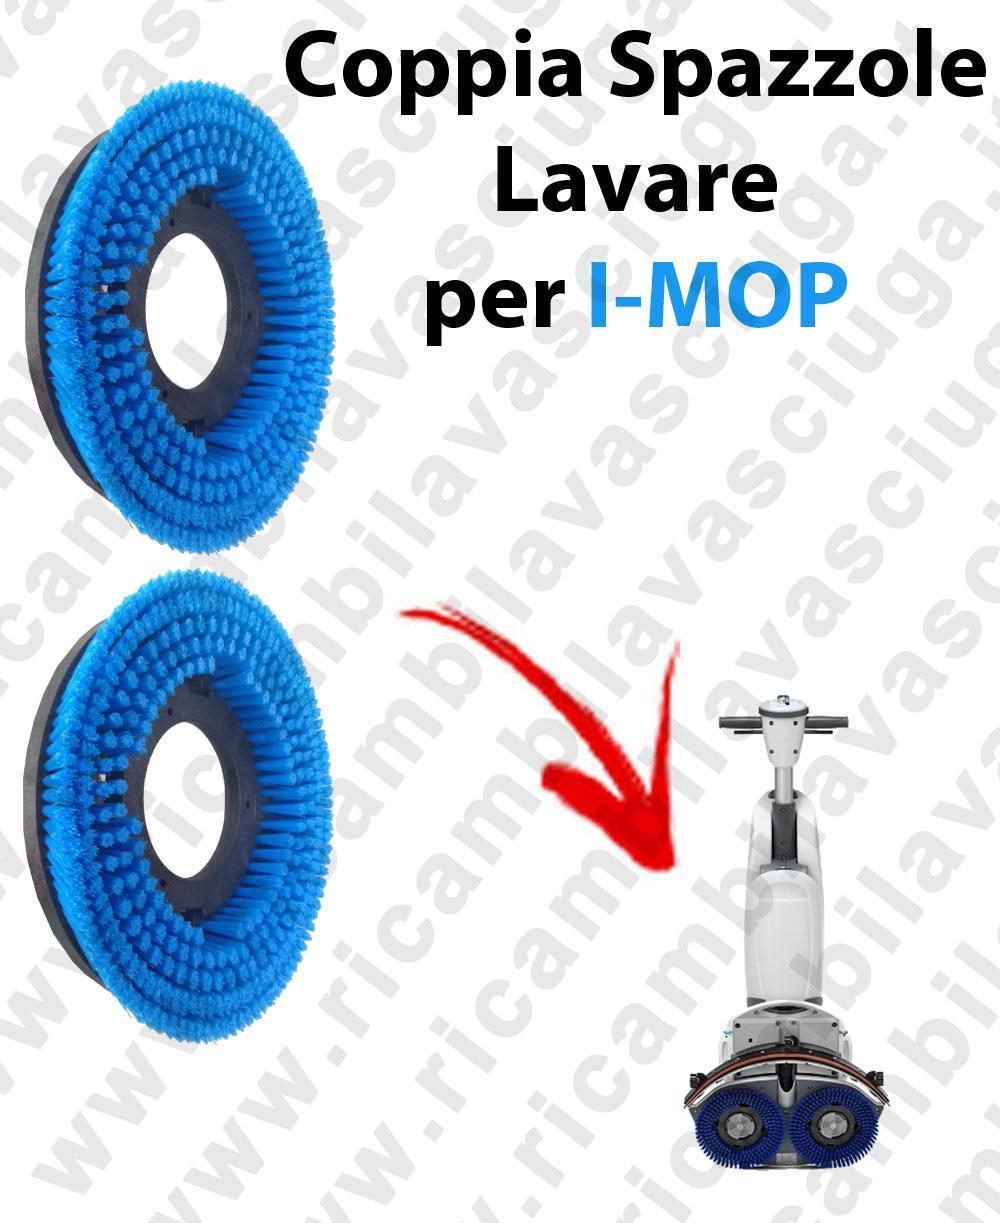 Paar Standard Bürsten für scheuersaugmaschinen I-MOP